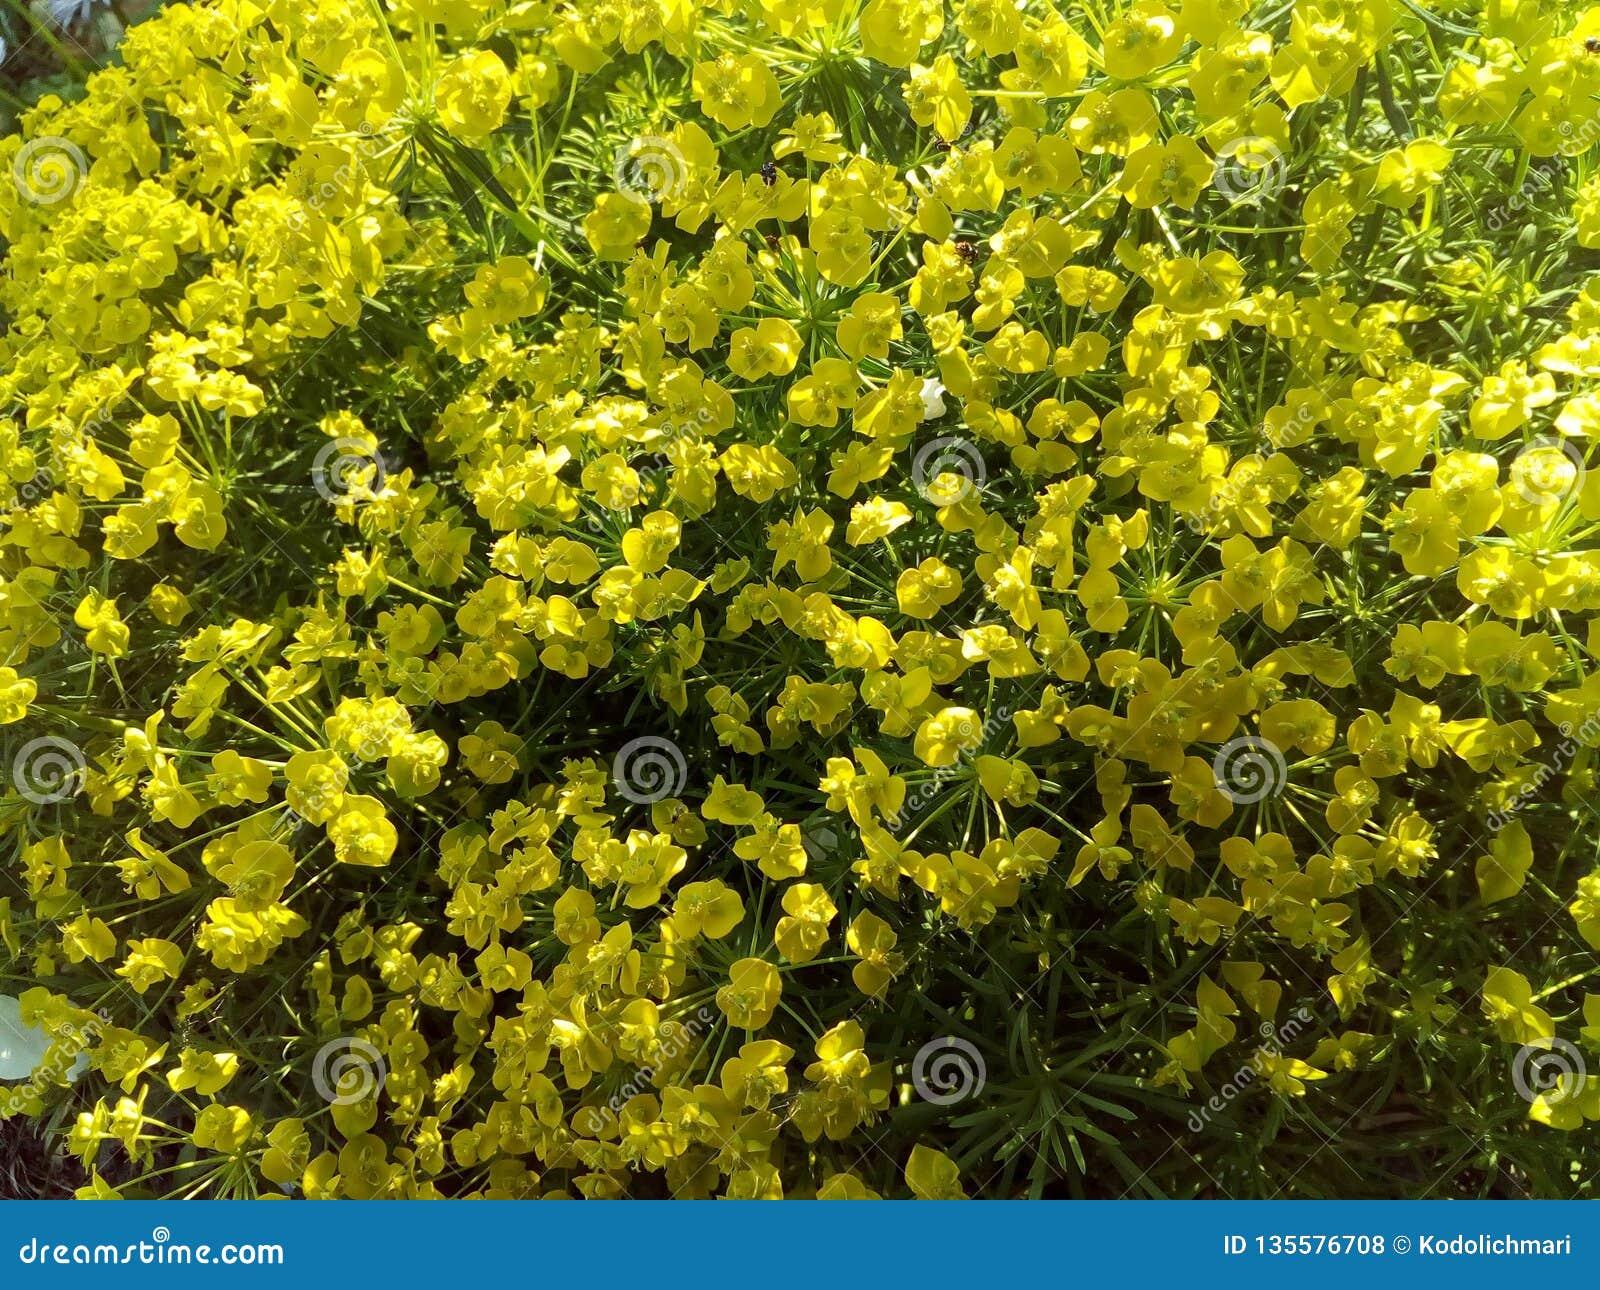 Wszystko skupiają się, kwitną, kolor żółty, natura, pole, wiosna, roślina